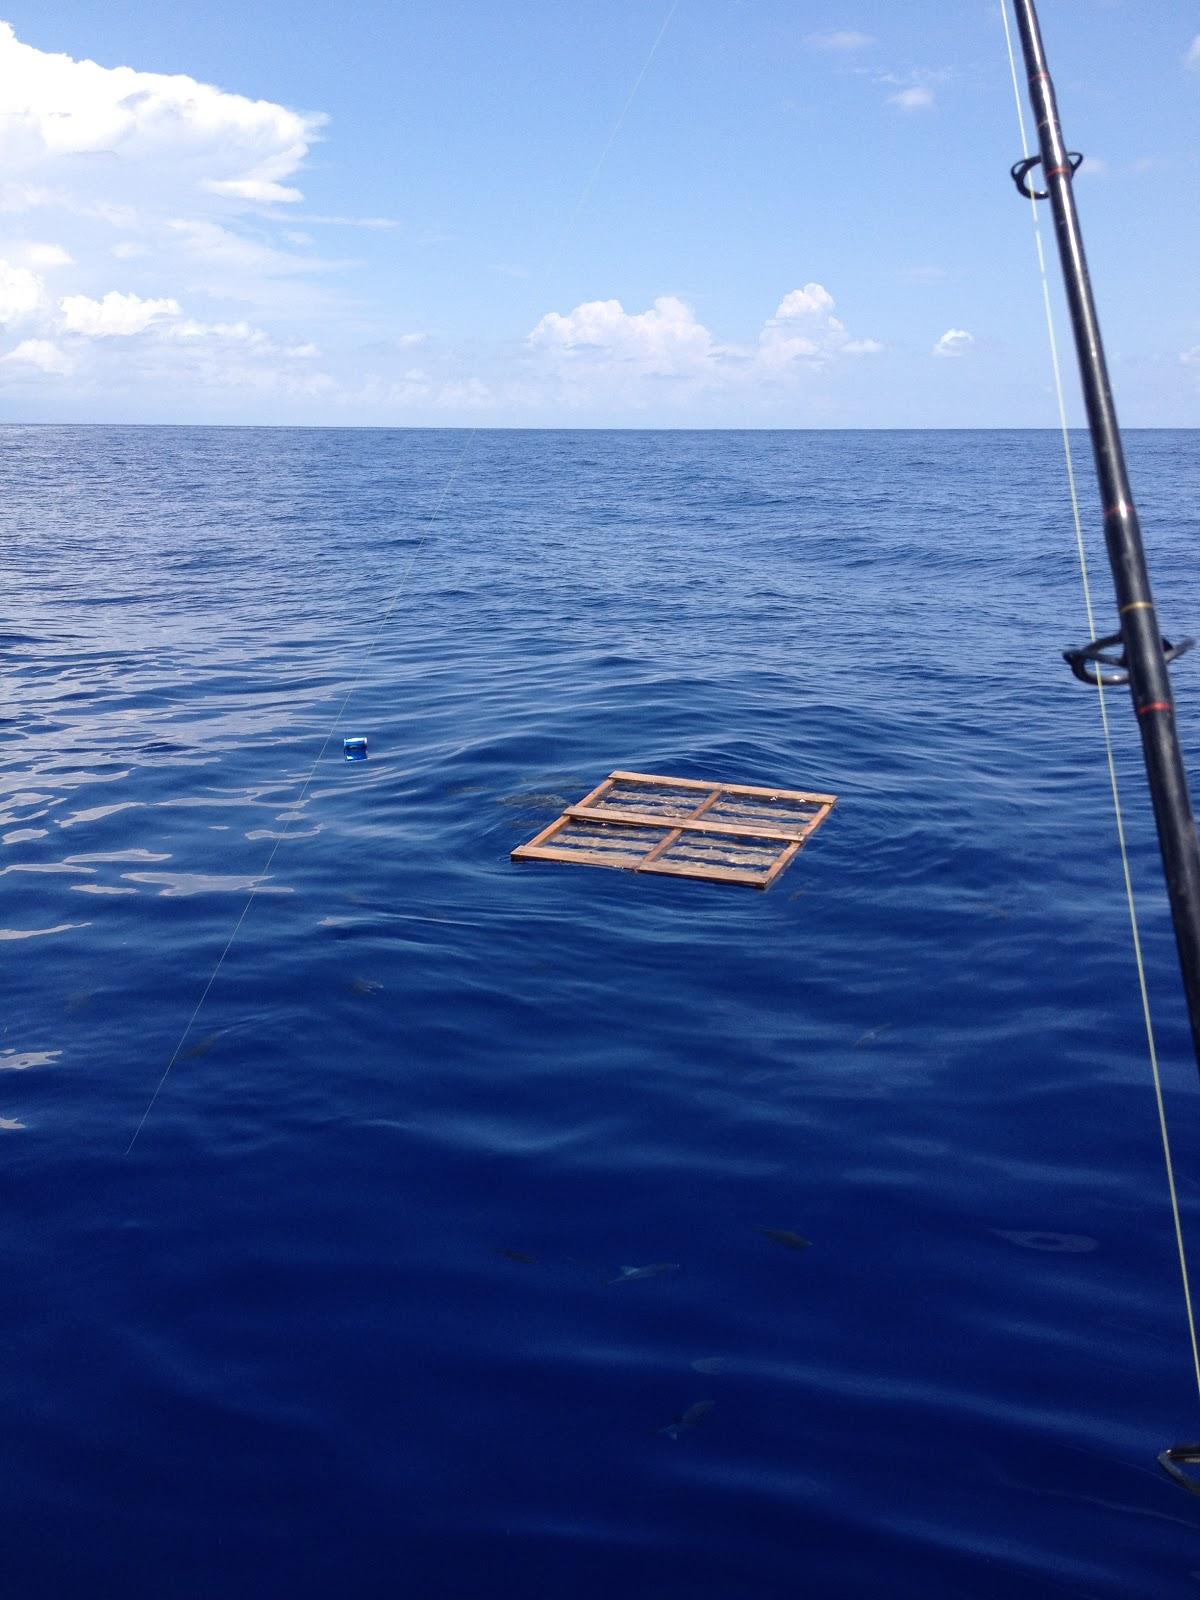 Stuart florida fishing report may 20 2012 fishing report for Stuart florida fishing